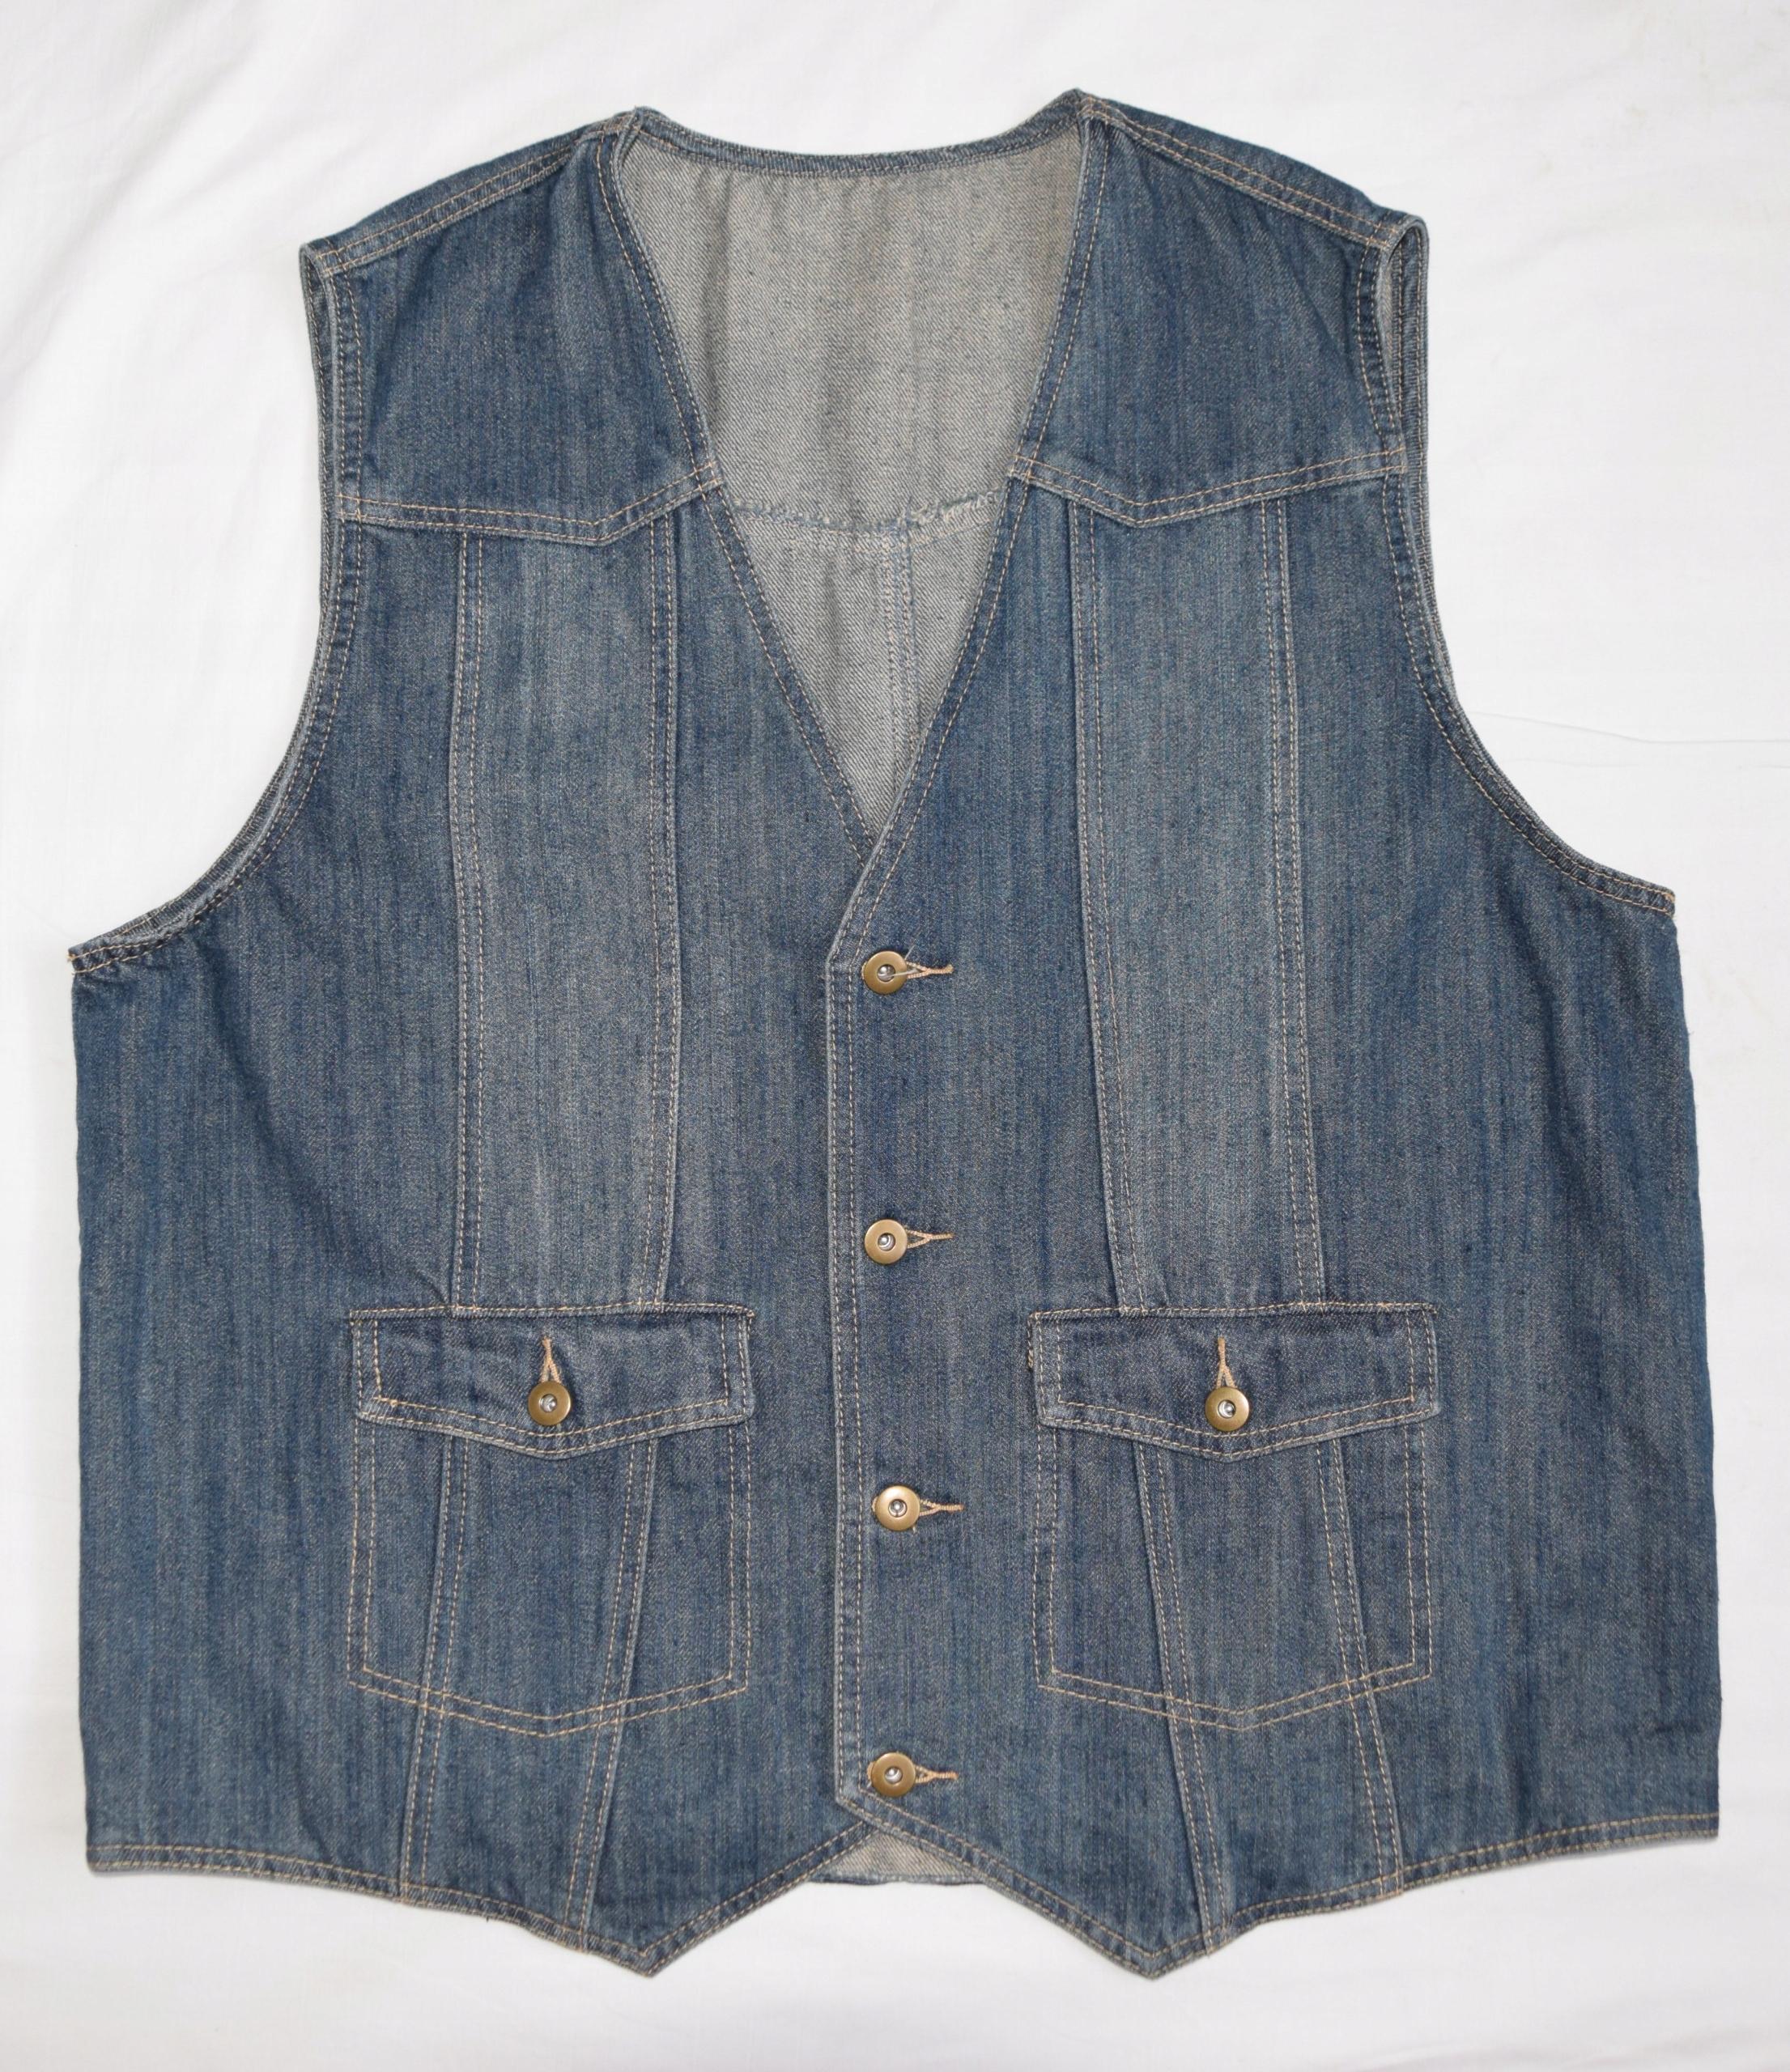 Klingel Vintage kamizela jeans 58 w klacie 124 cm